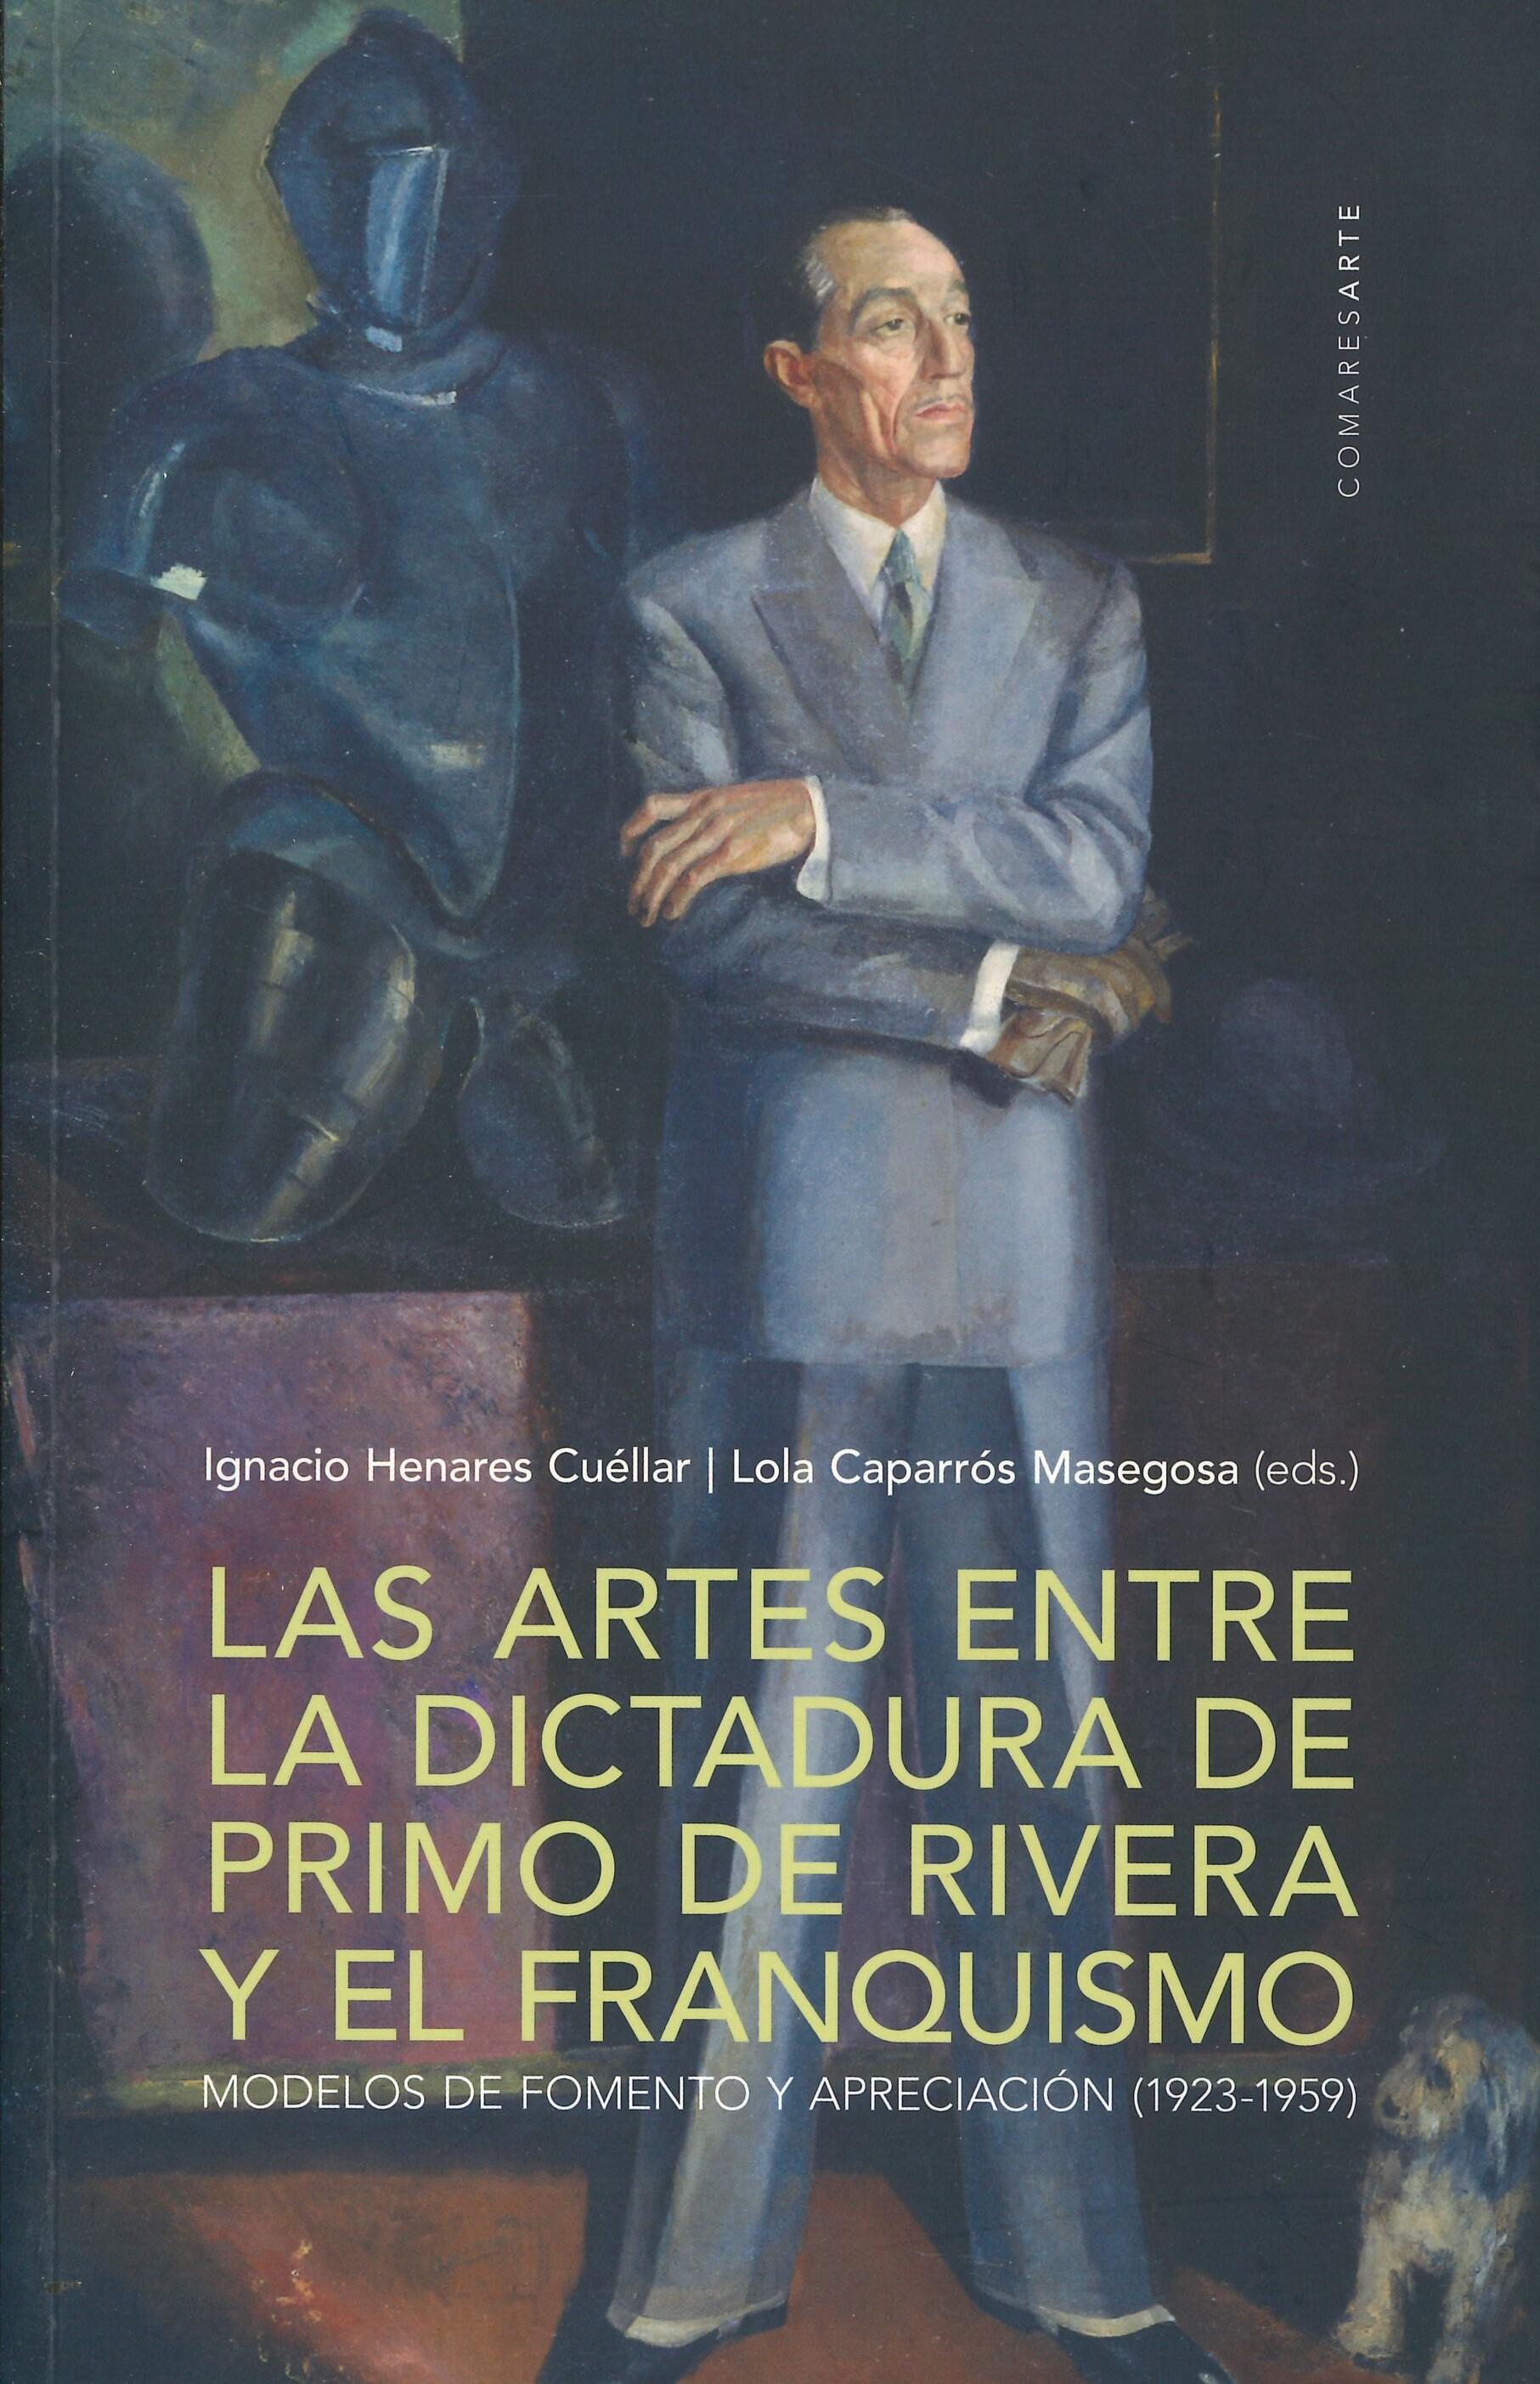 las_artes_entre_dictadura.jpg